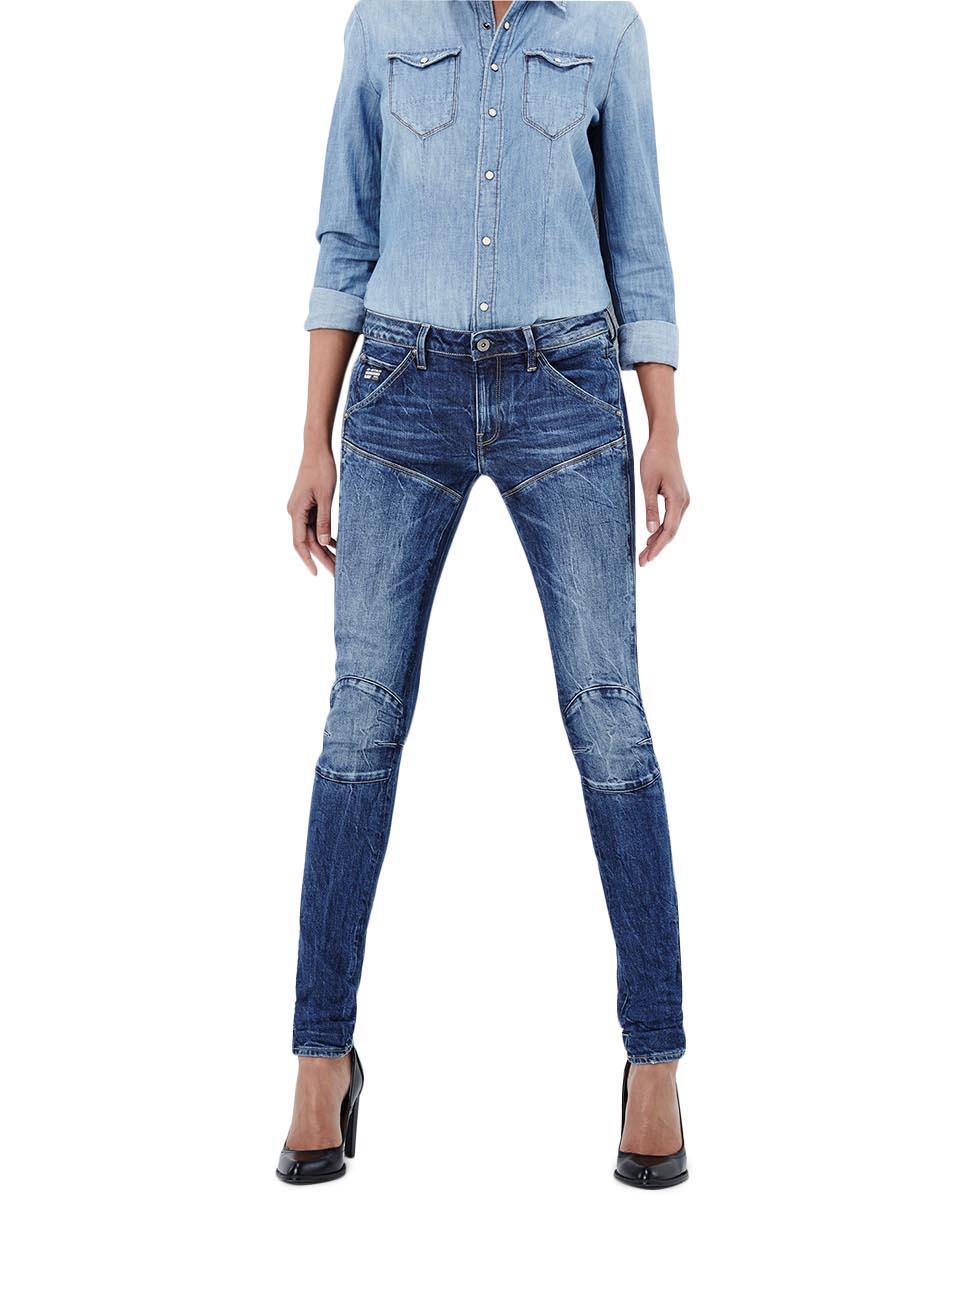 g star damen jeans 5620 elwood mid waist skinny jeans. Black Bedroom Furniture Sets. Home Design Ideas